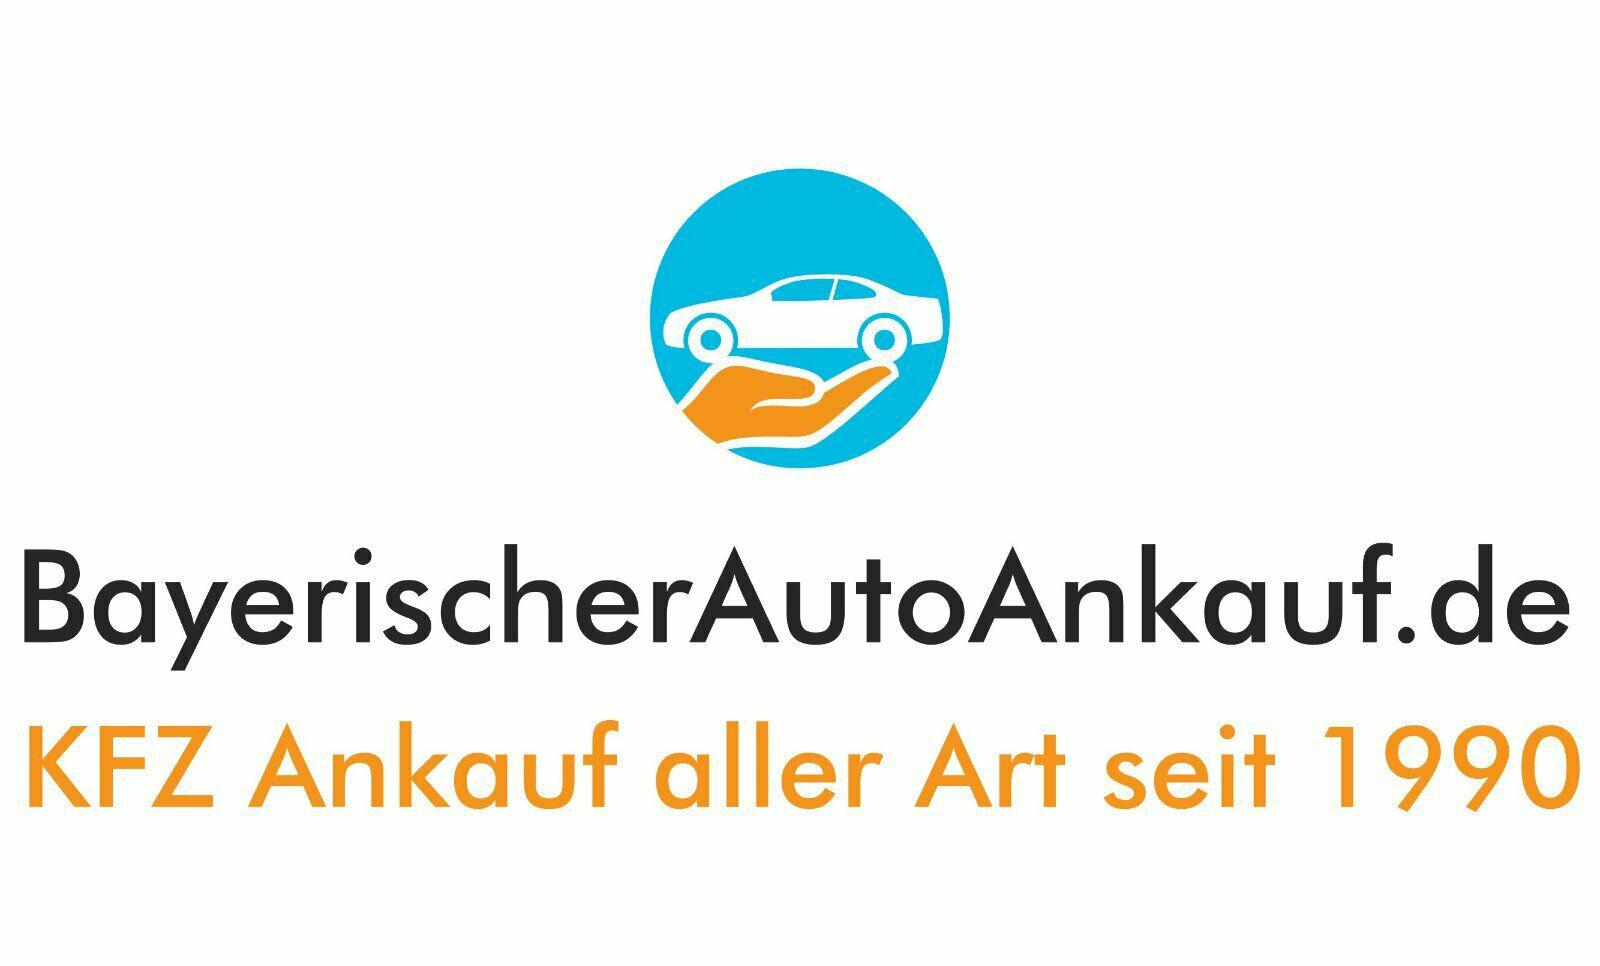 Bayerischerautoankauf.de